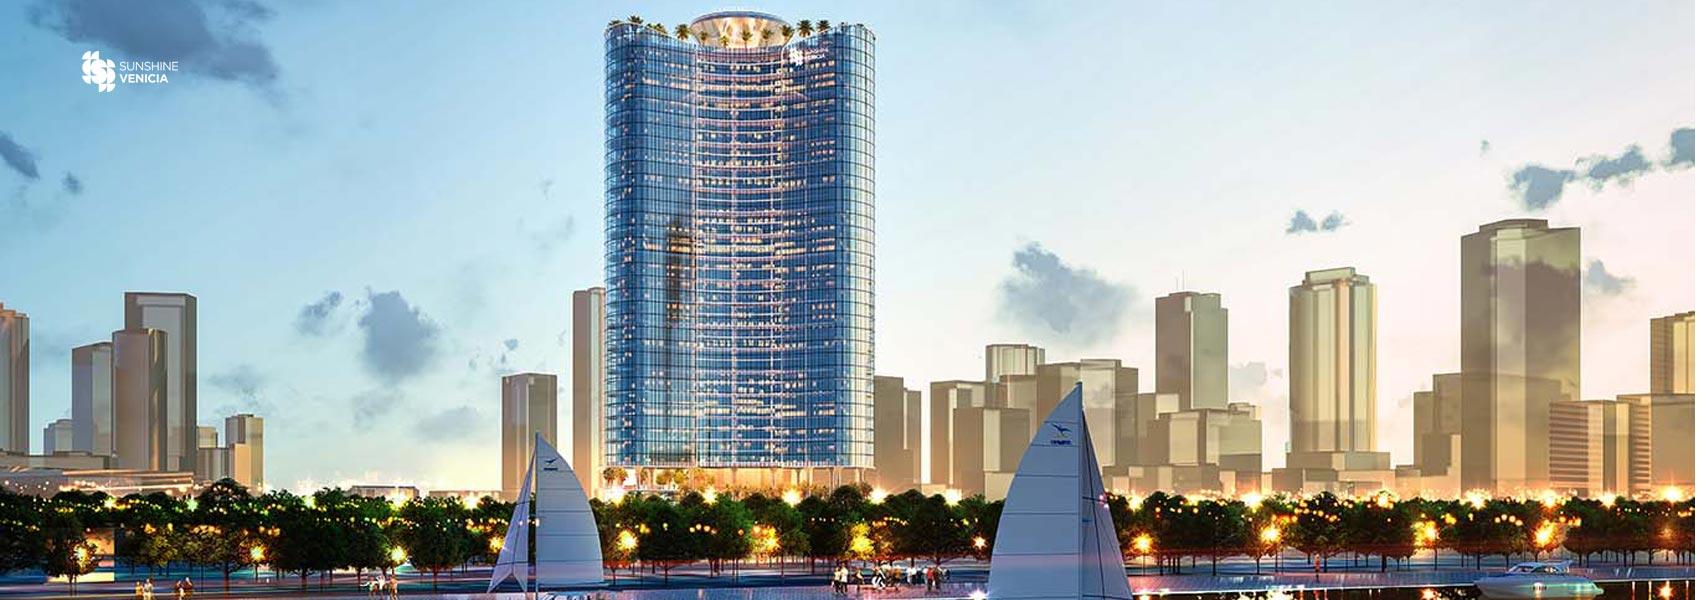 Mua bán cho thuê dự án căn hộ chung cư Sunshine Venicia Quận 2 Đường Thủ Thiêm chủ đầu tư Sunshine Group